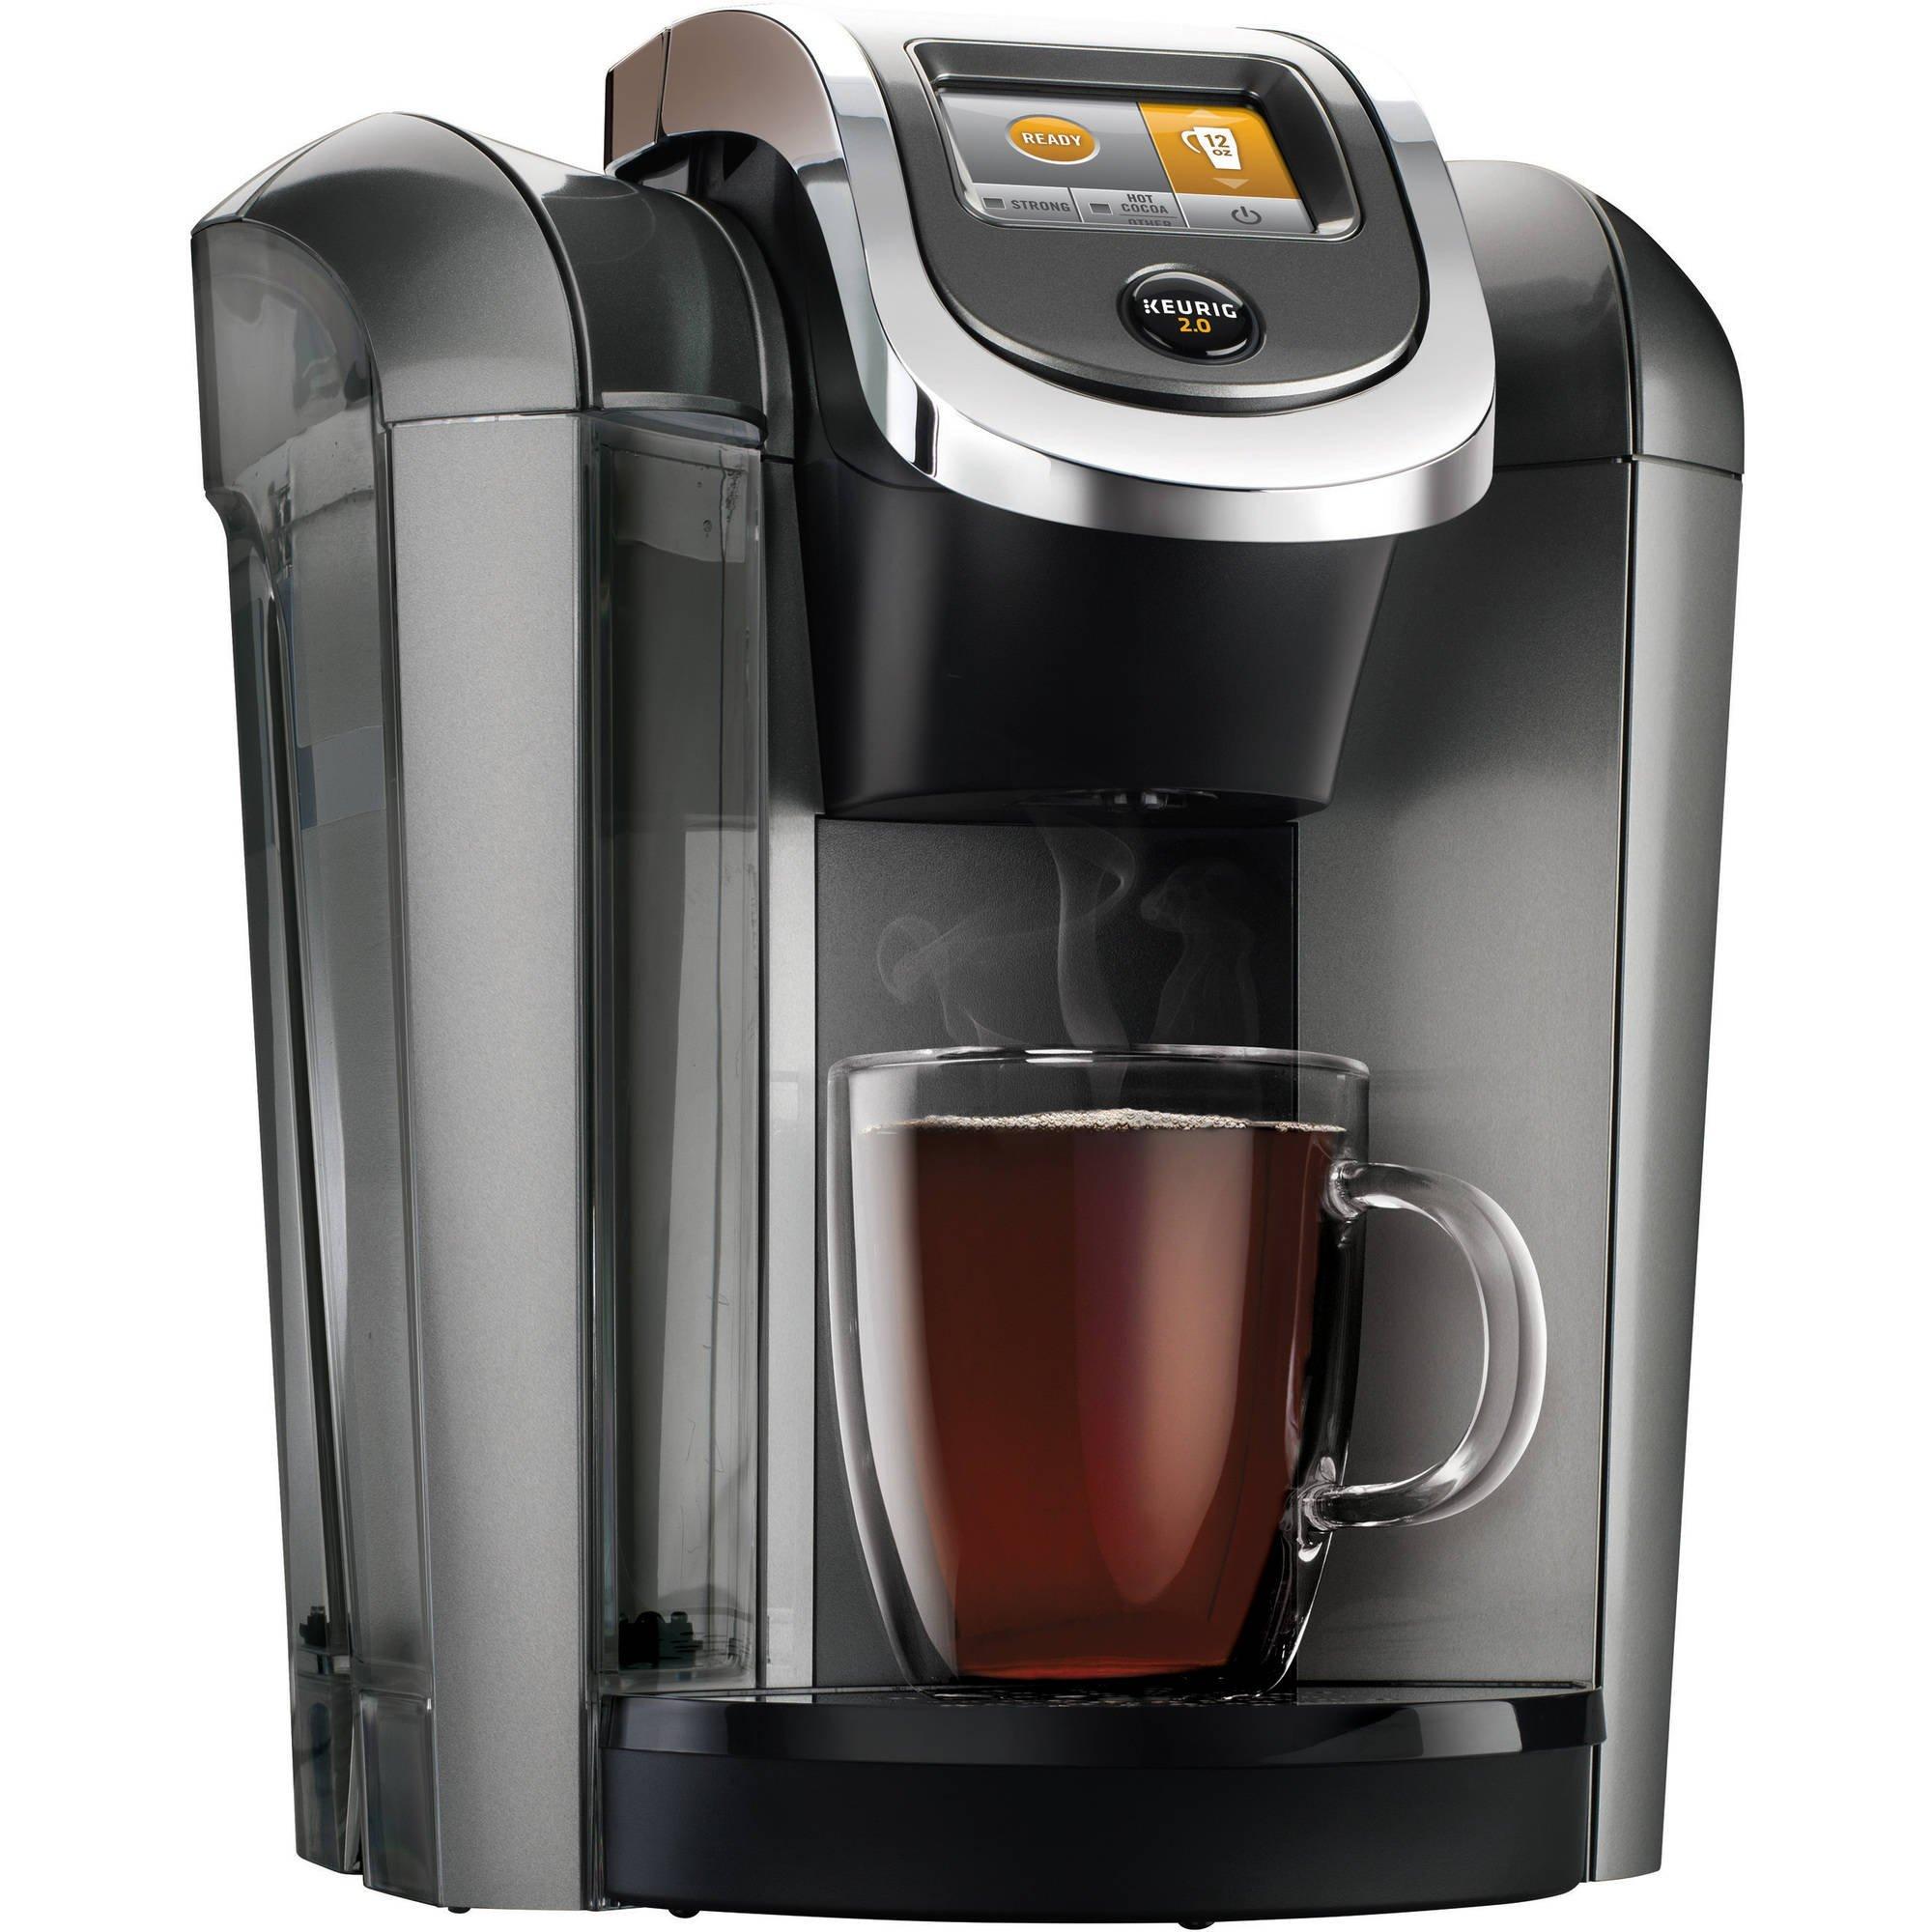 Keurig Hot 2.0 K525 Plus Series Single-serve Coffee Maker (Brewer Only)